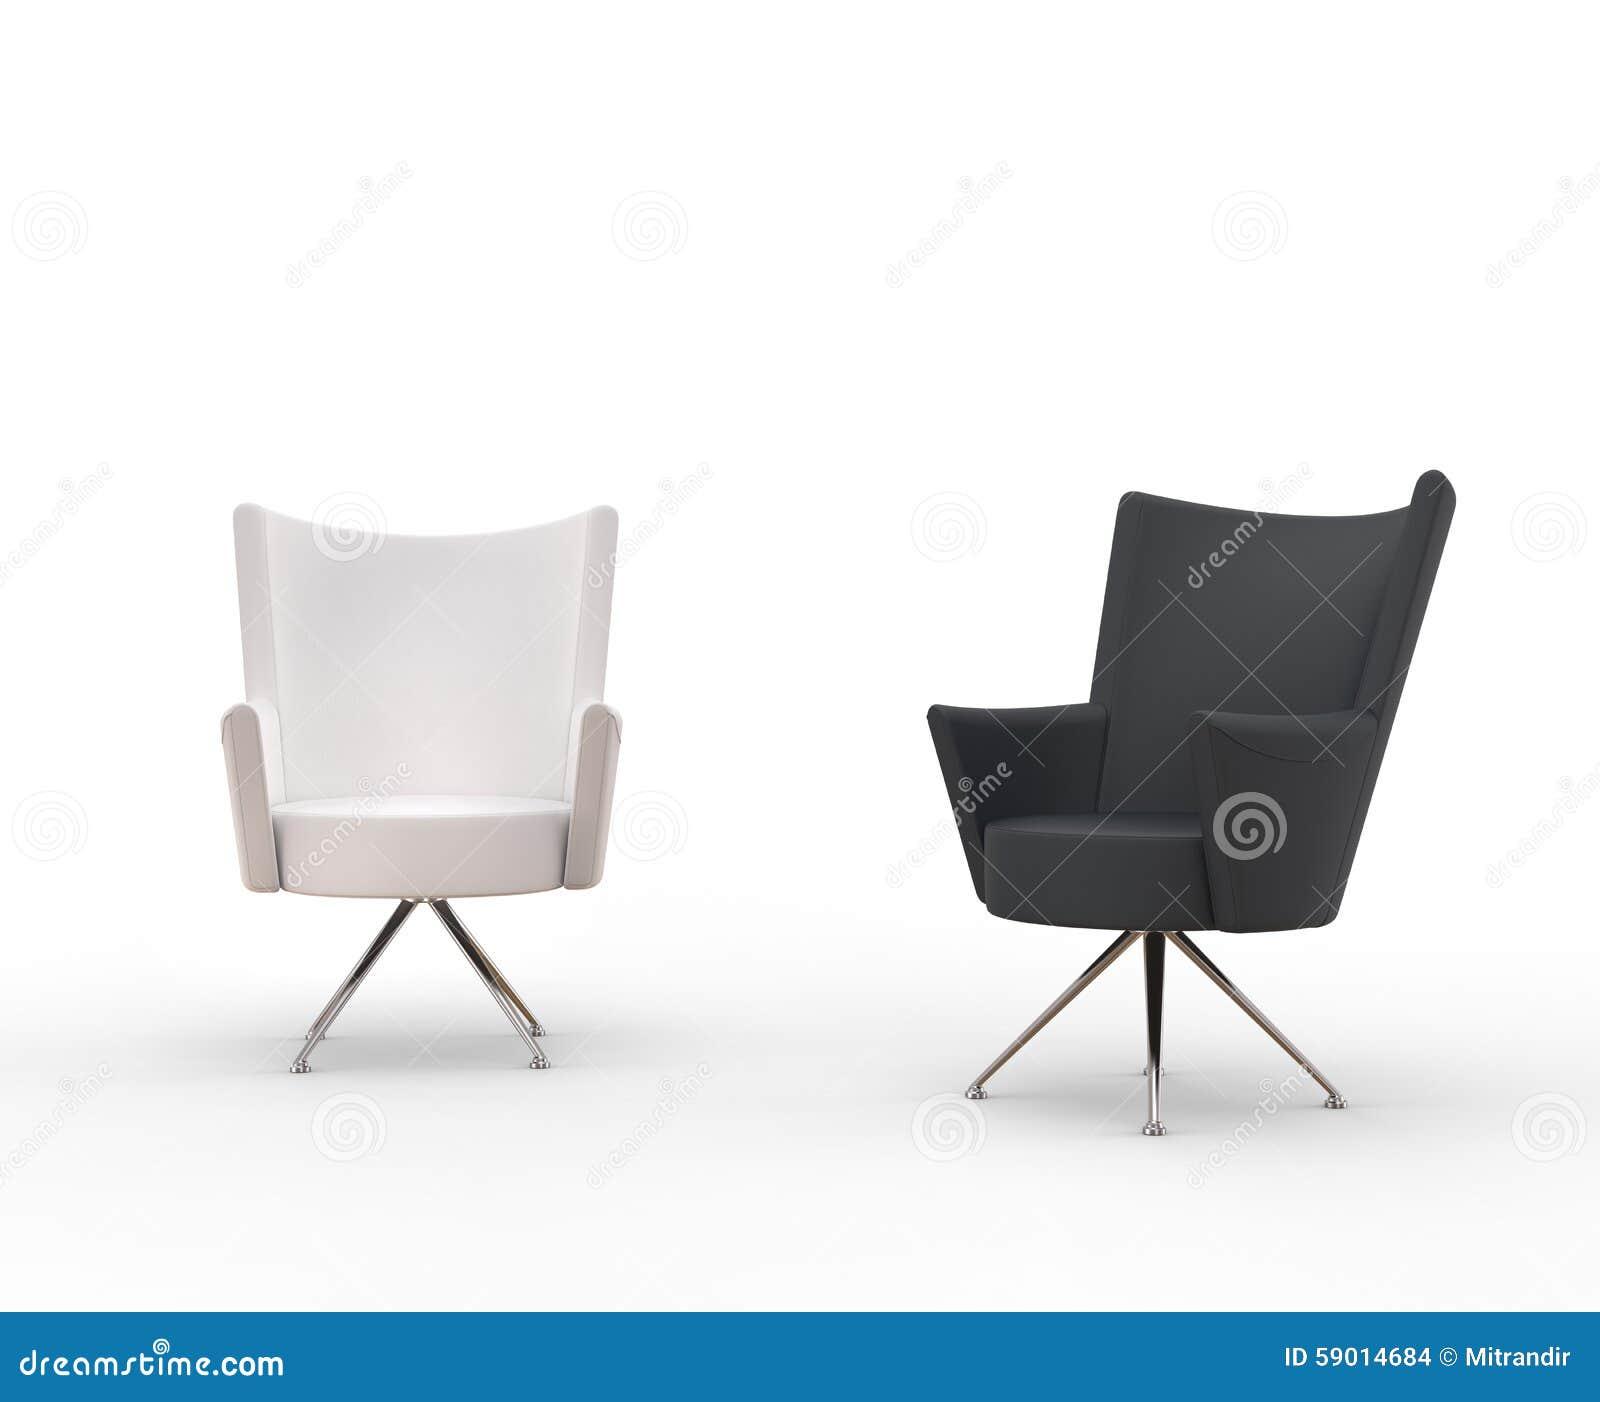 Poltrone Moderne - Bianco Ed Il Nero Fotografia Stock - Immagine: 59014684